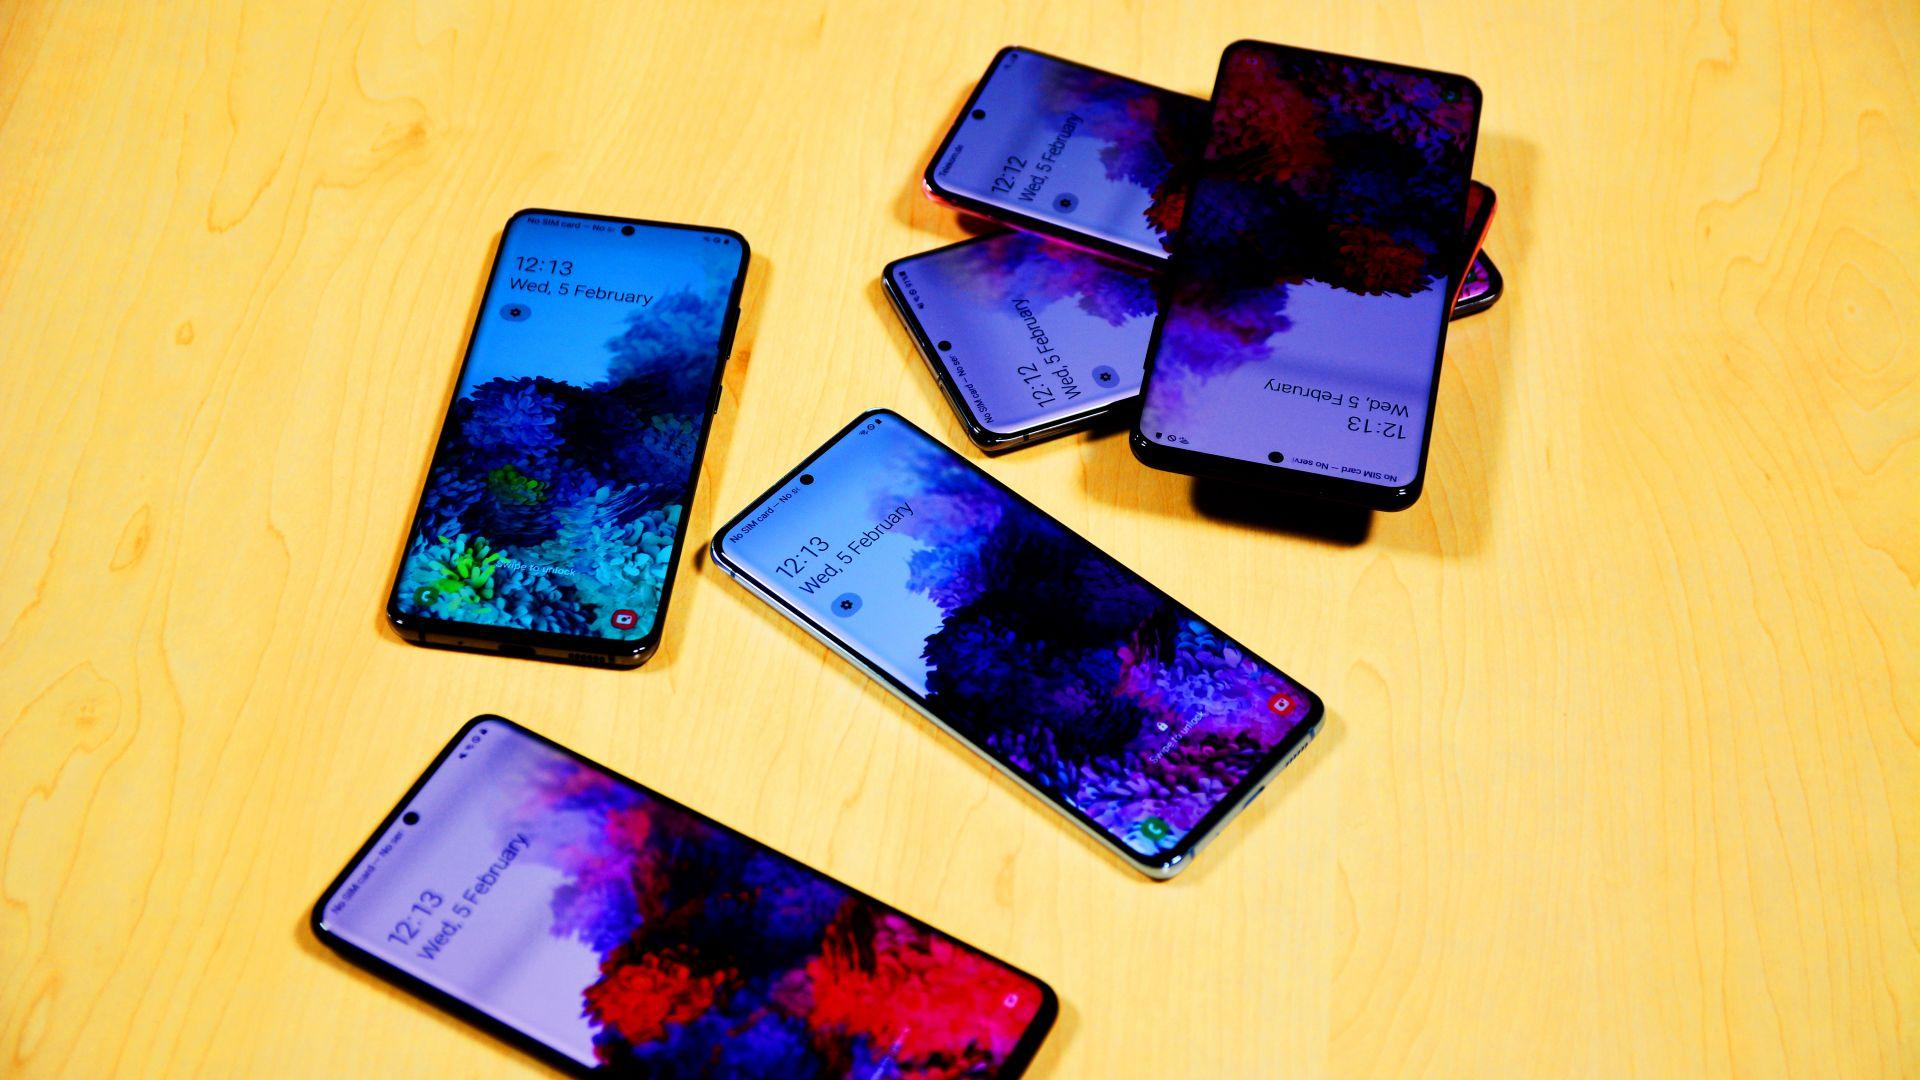 Samsung Galaxy S20 Ultra ще е наличен у нас след малко повече от месец